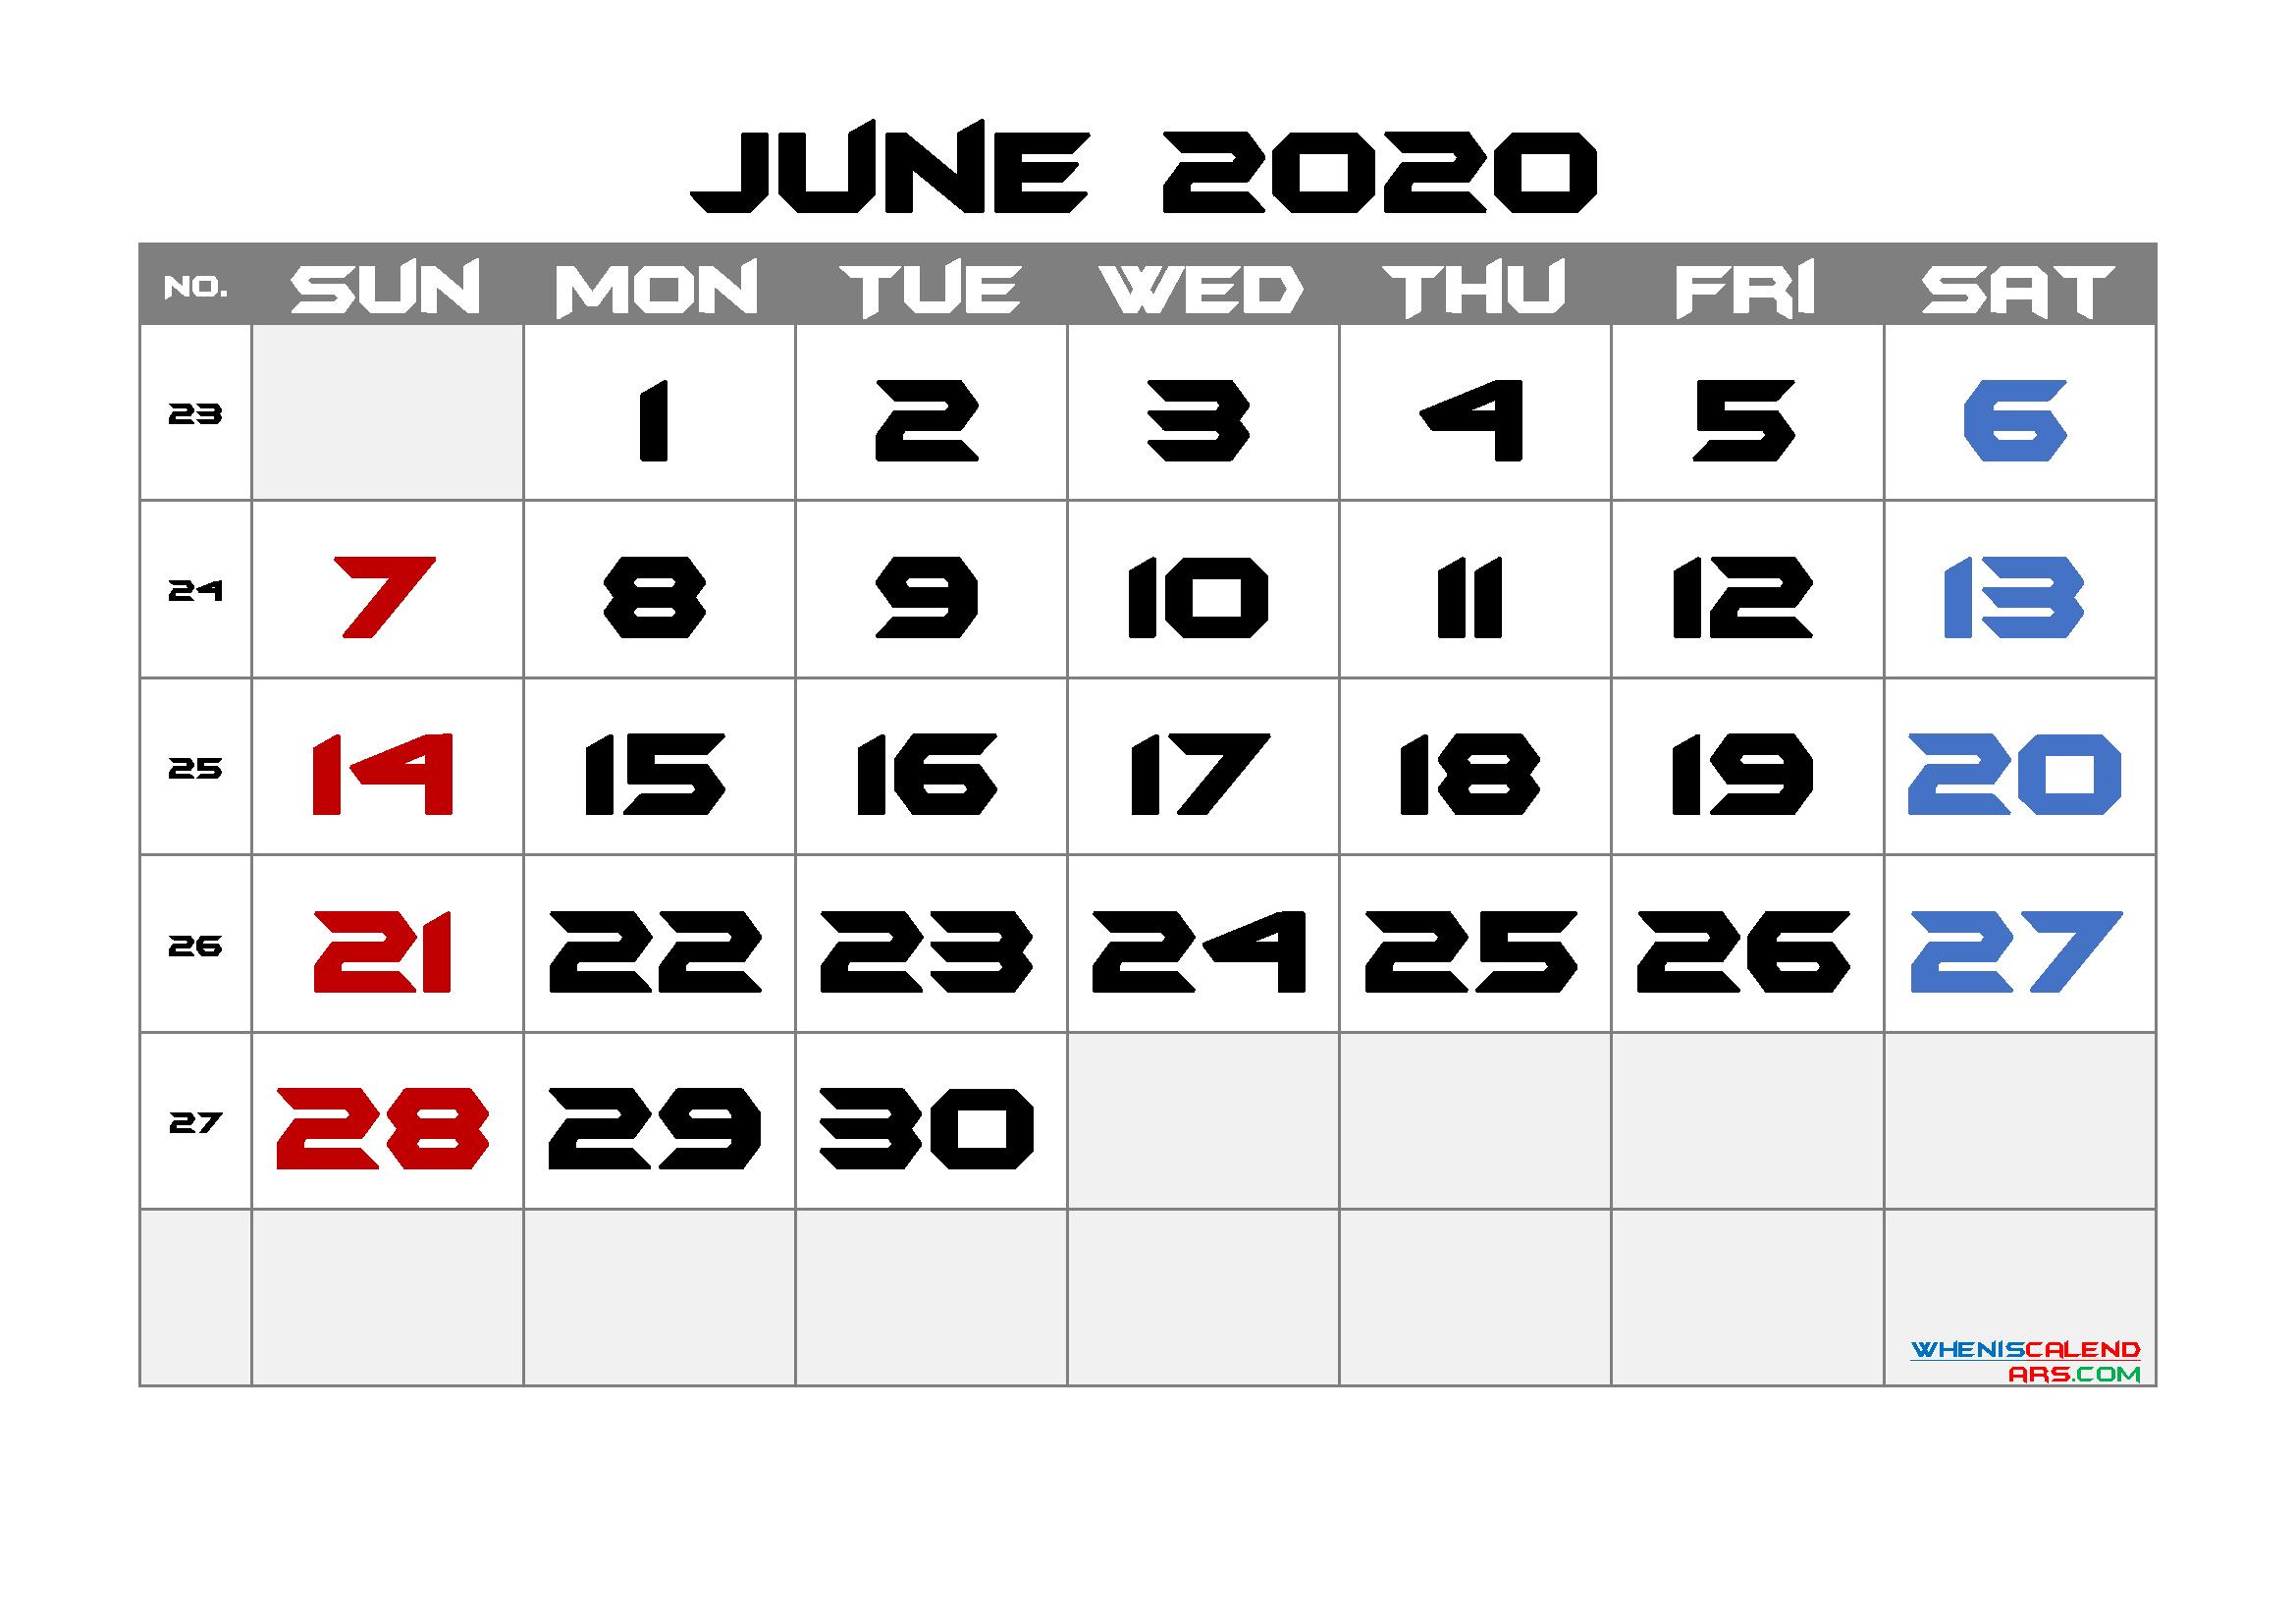 2020 June Free Printable Calendar